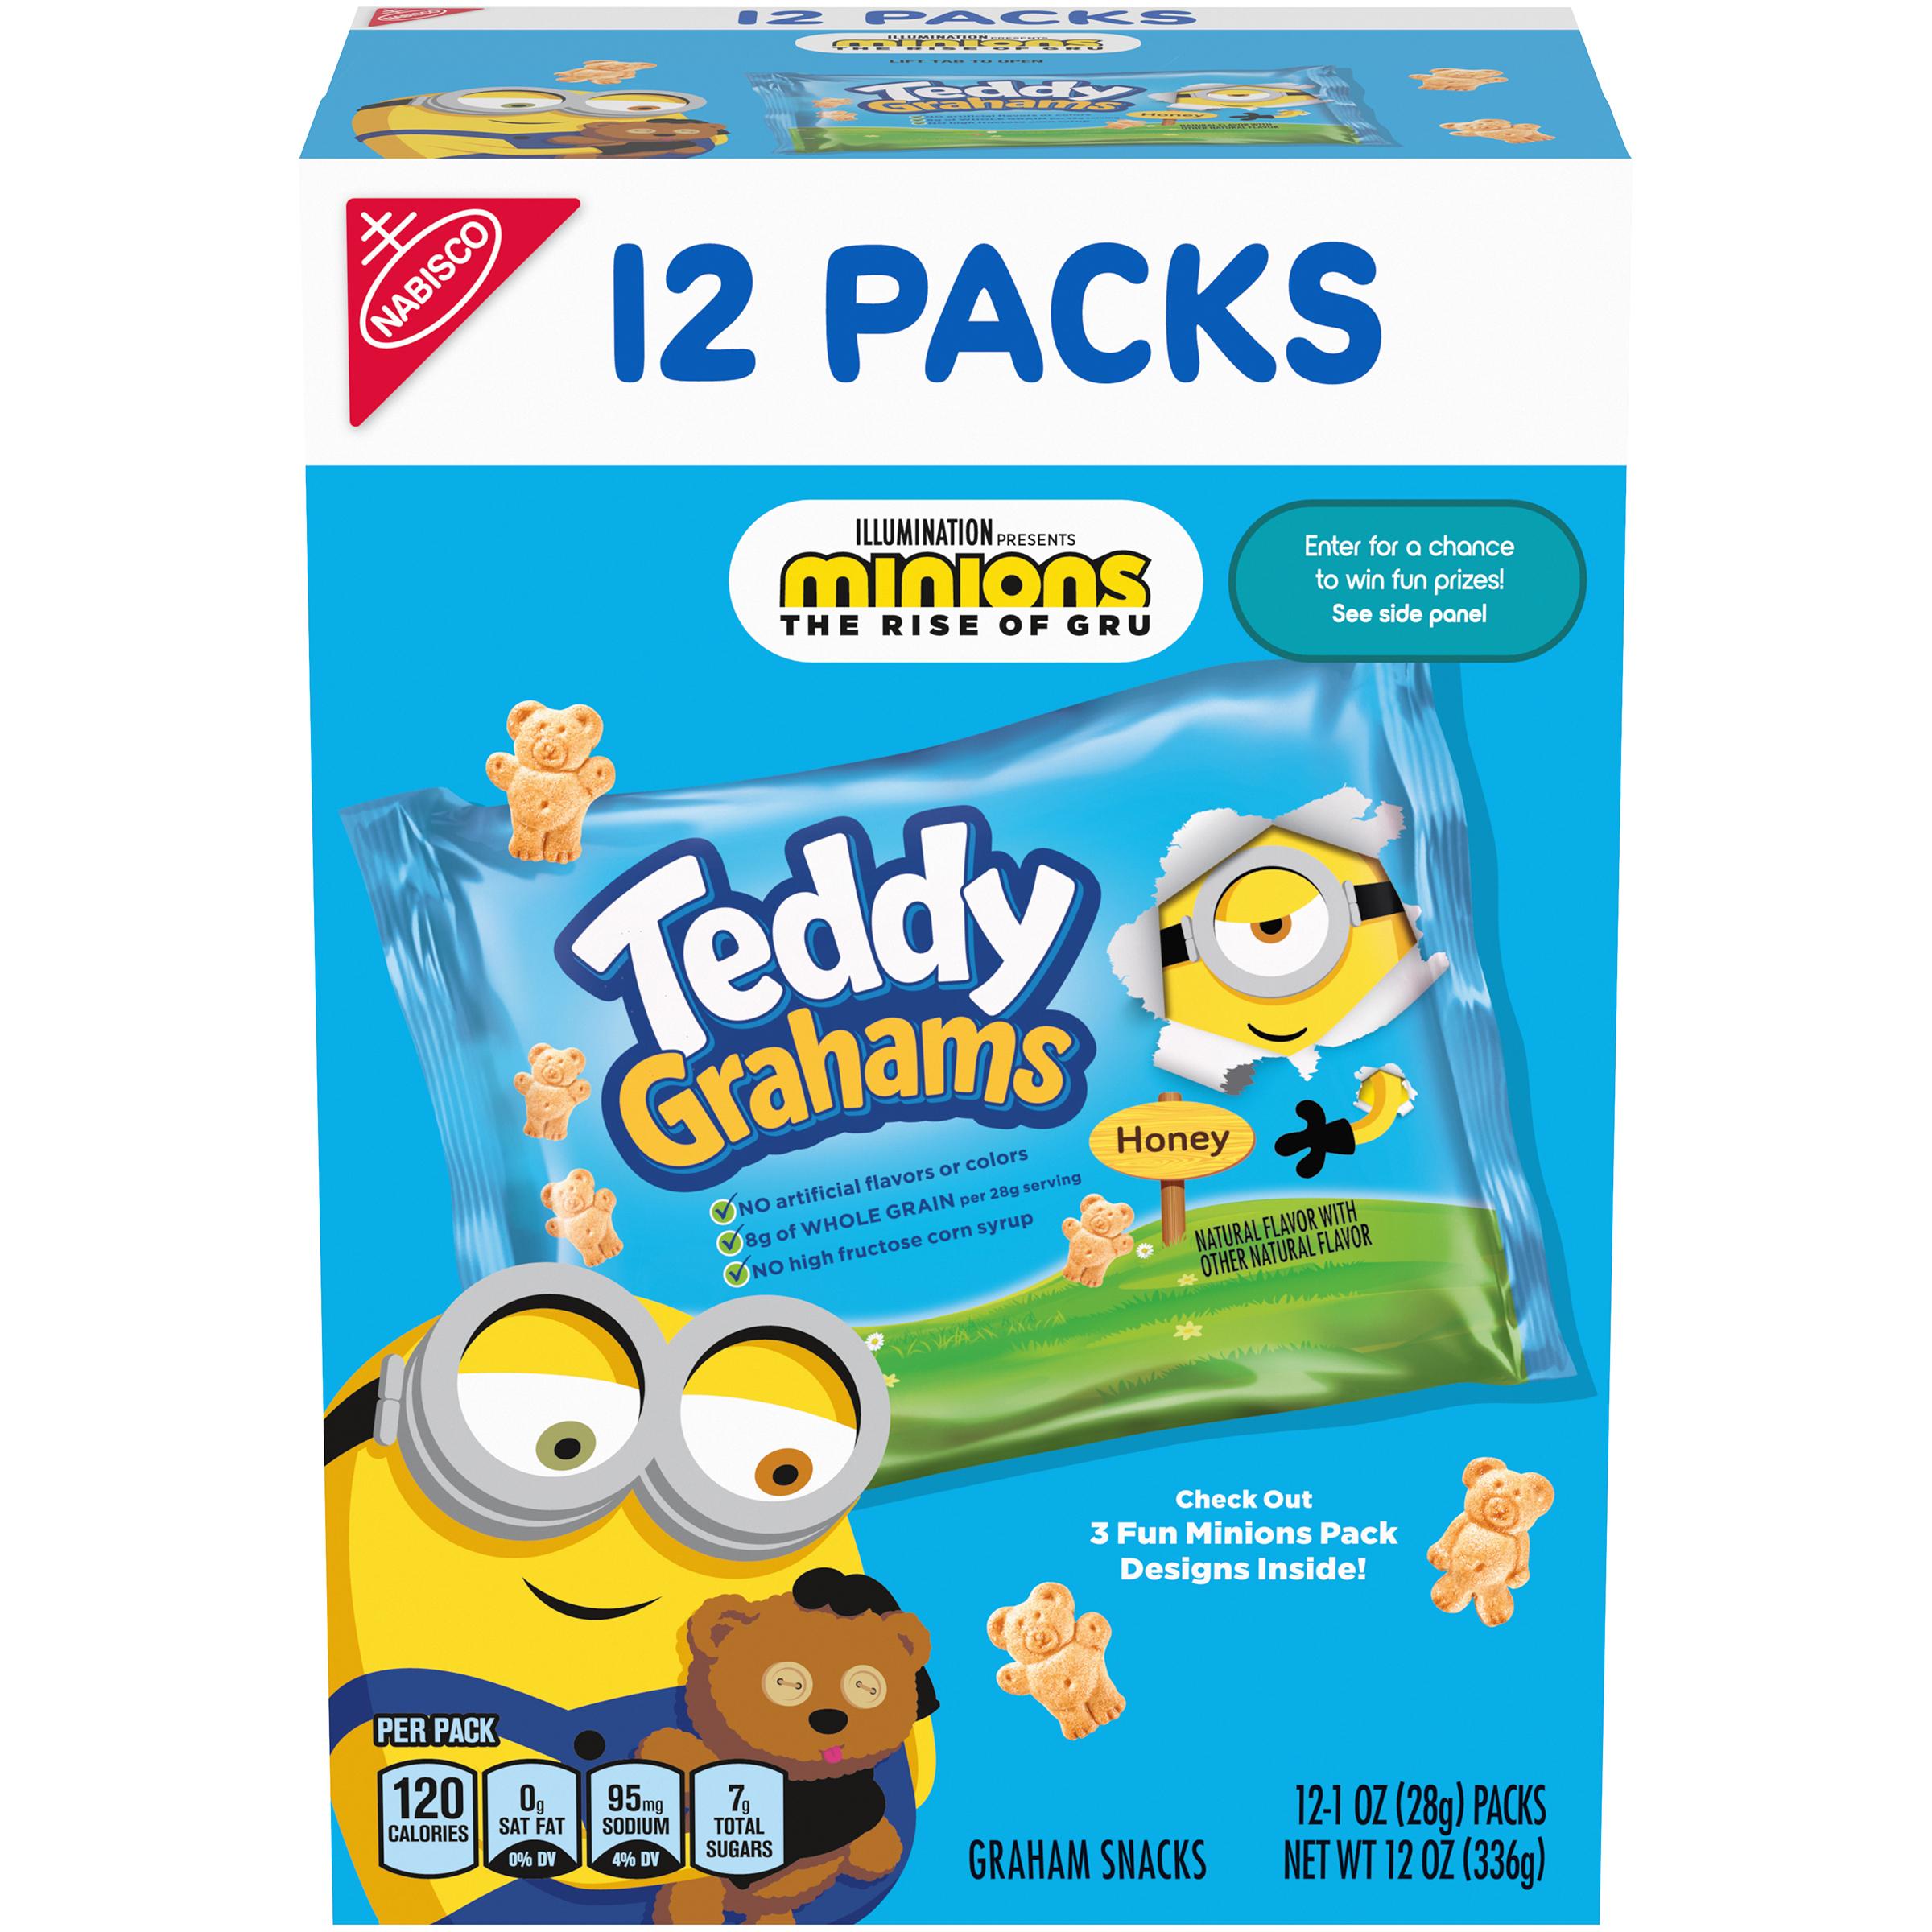 TEDDY GRAHAMS Teddy Grahams Cookies Biscuit 12 oz